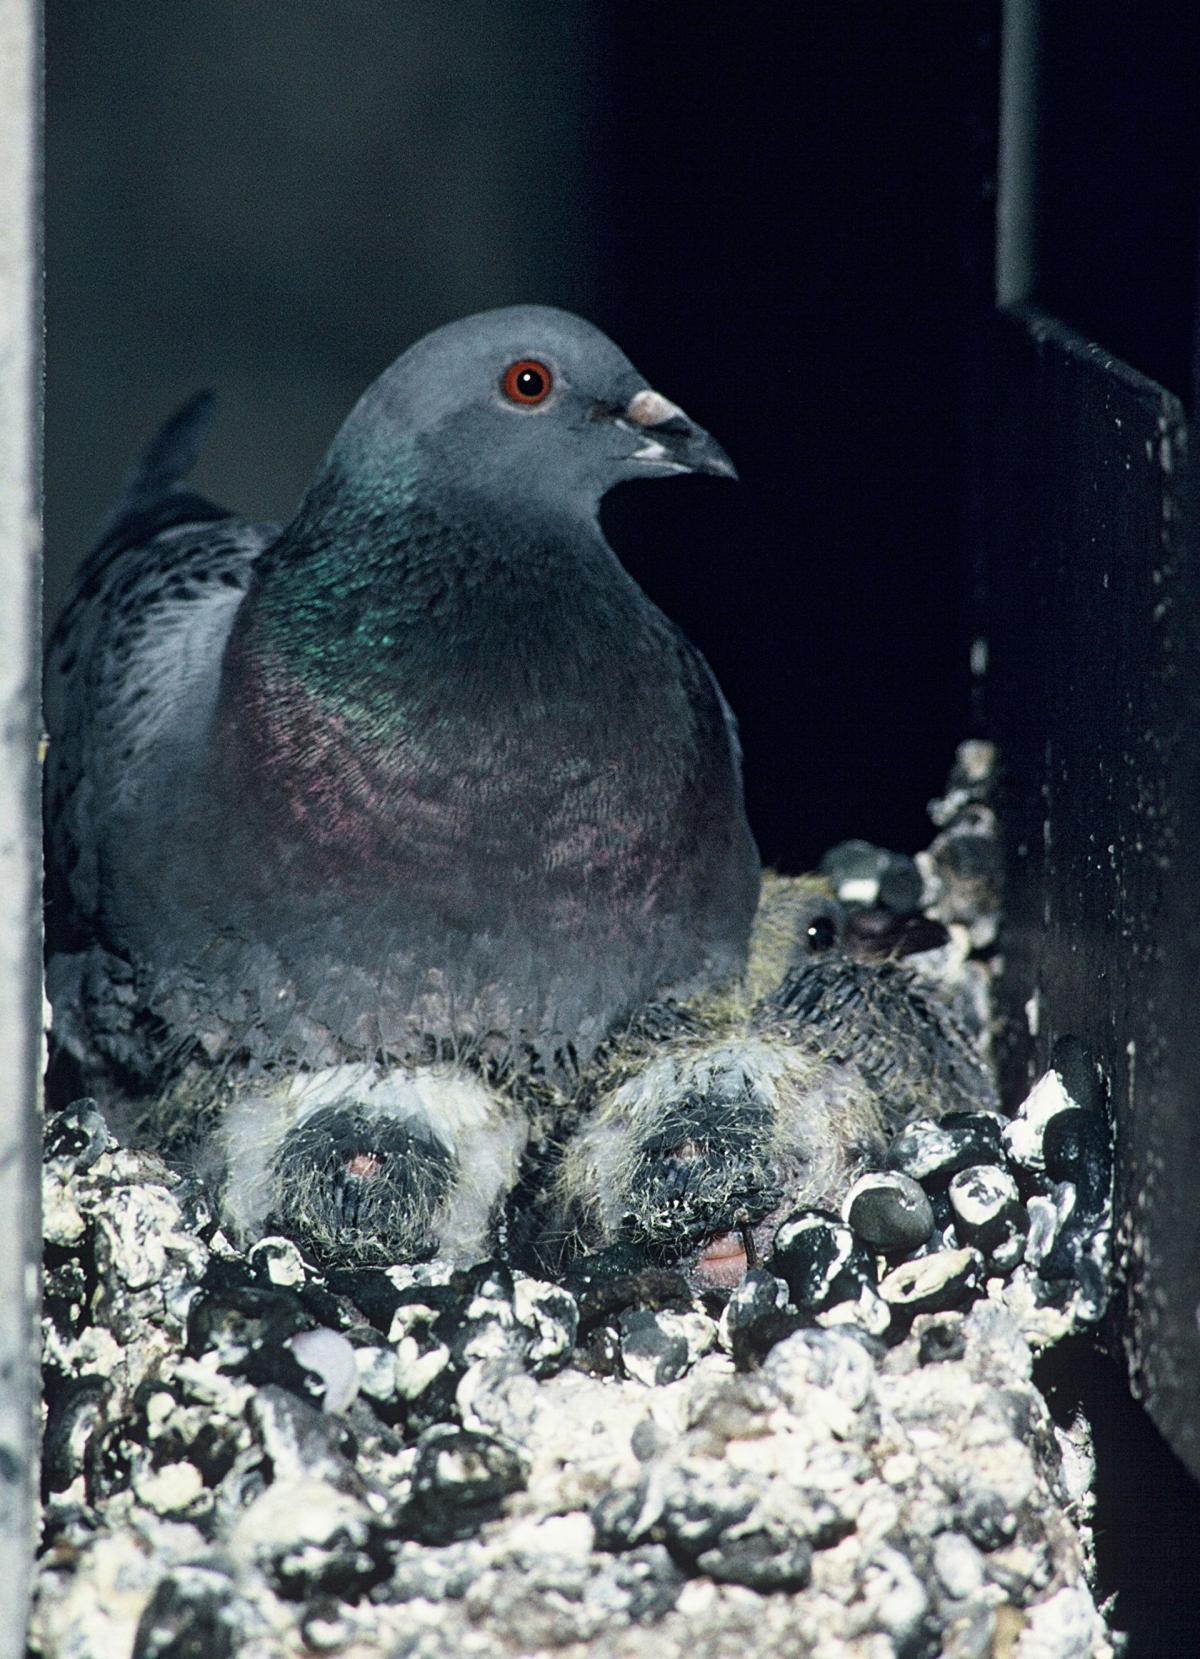 Rock Pigeon New Zealand Birds Online